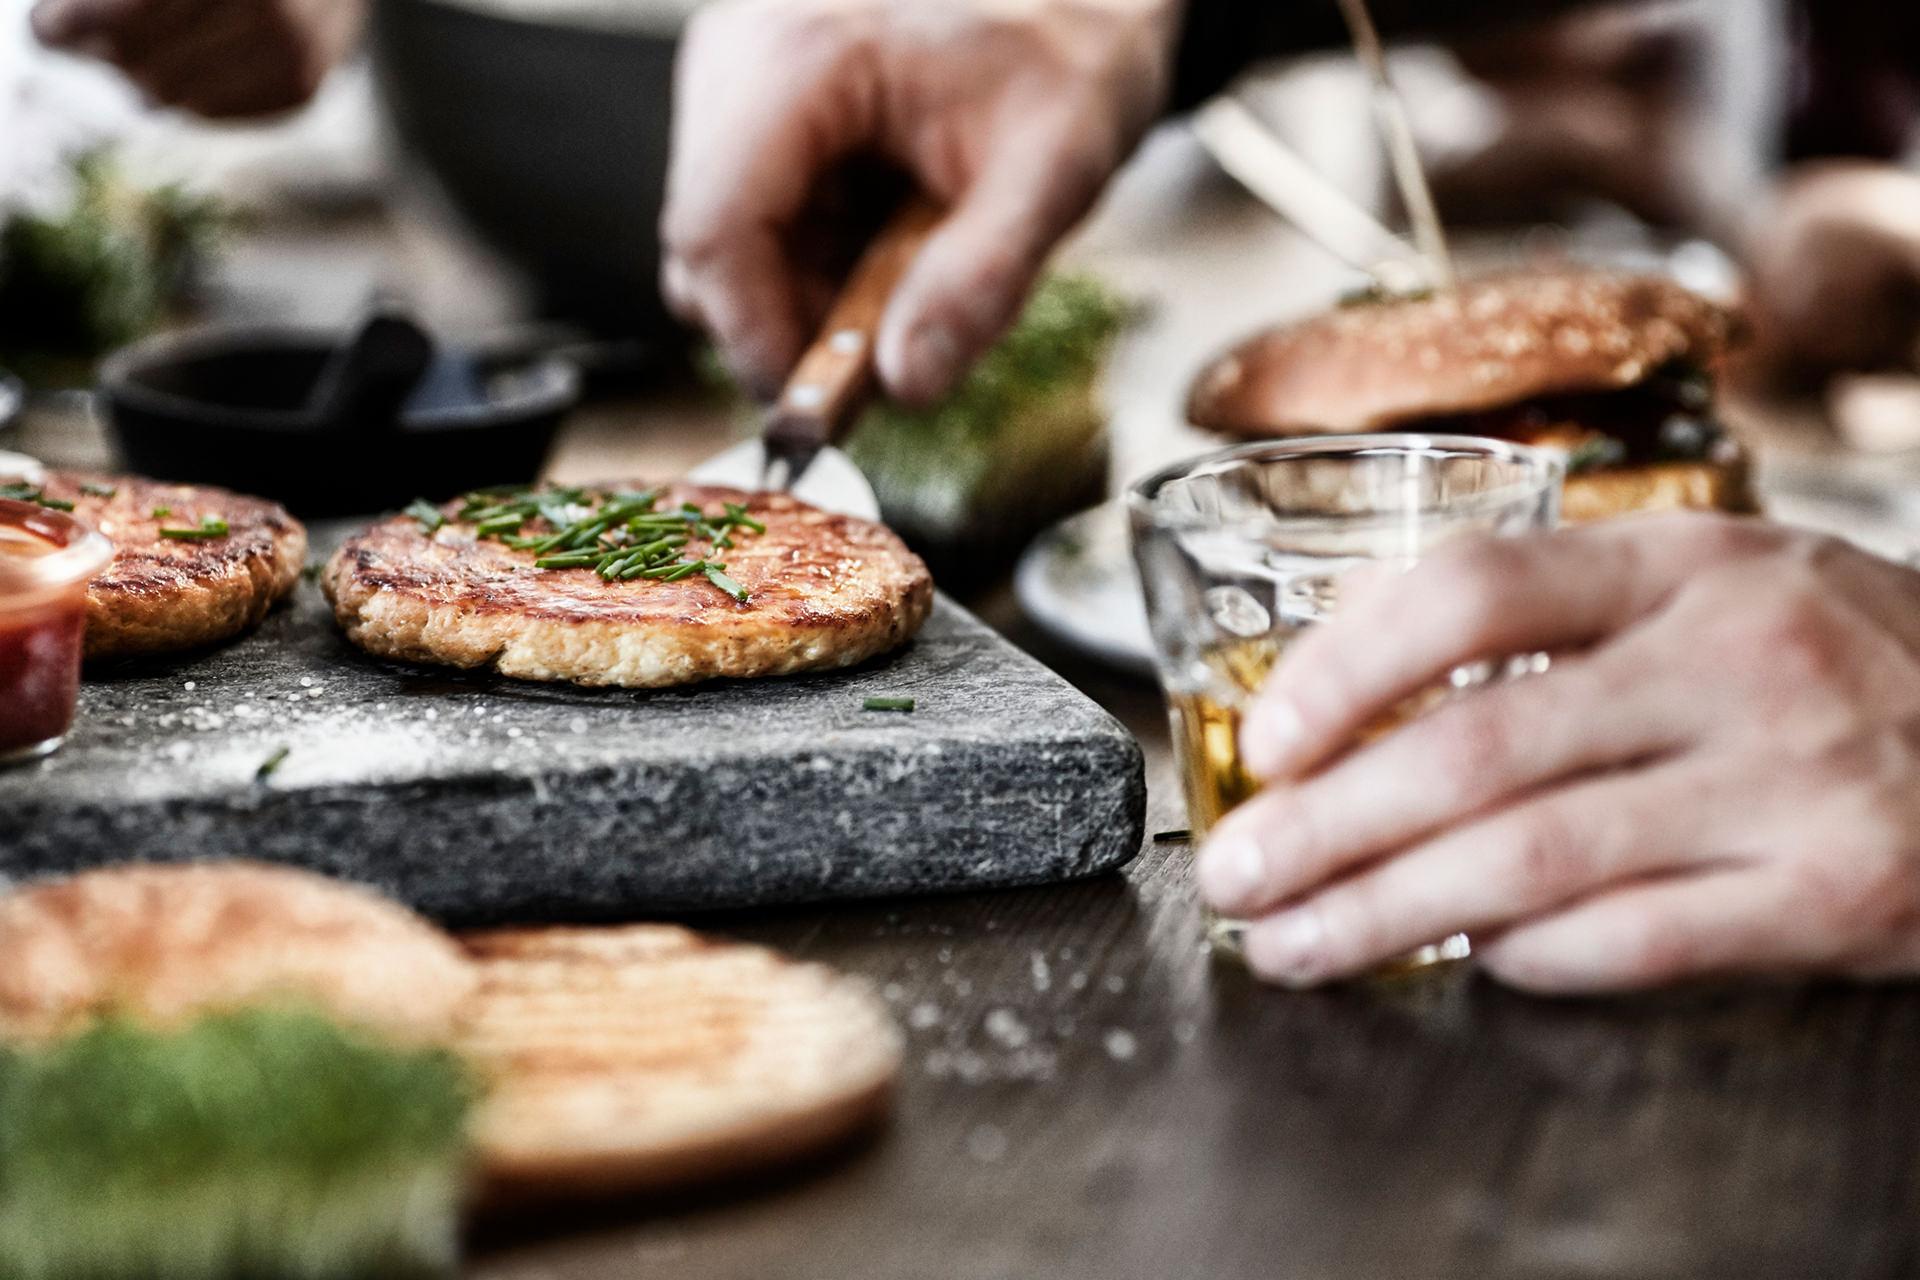 burger-patties-grillen-zubereitung-butchers